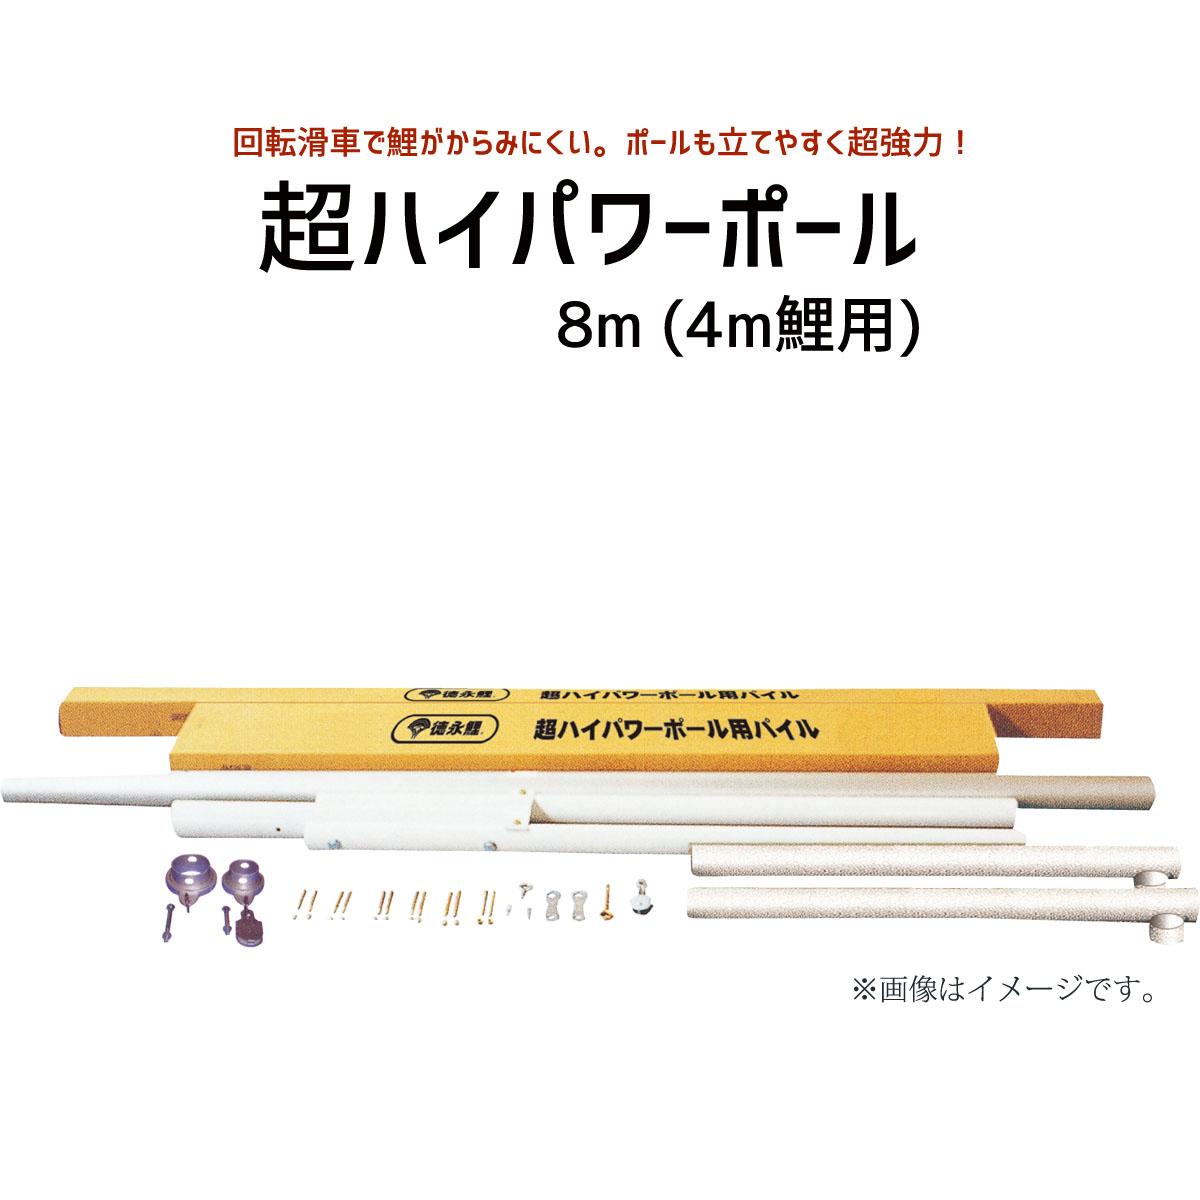 こいのぼり用別売りポール ハイパワーポール8M(8.0m) 4m鯉のぼり用 【smtb-kd】